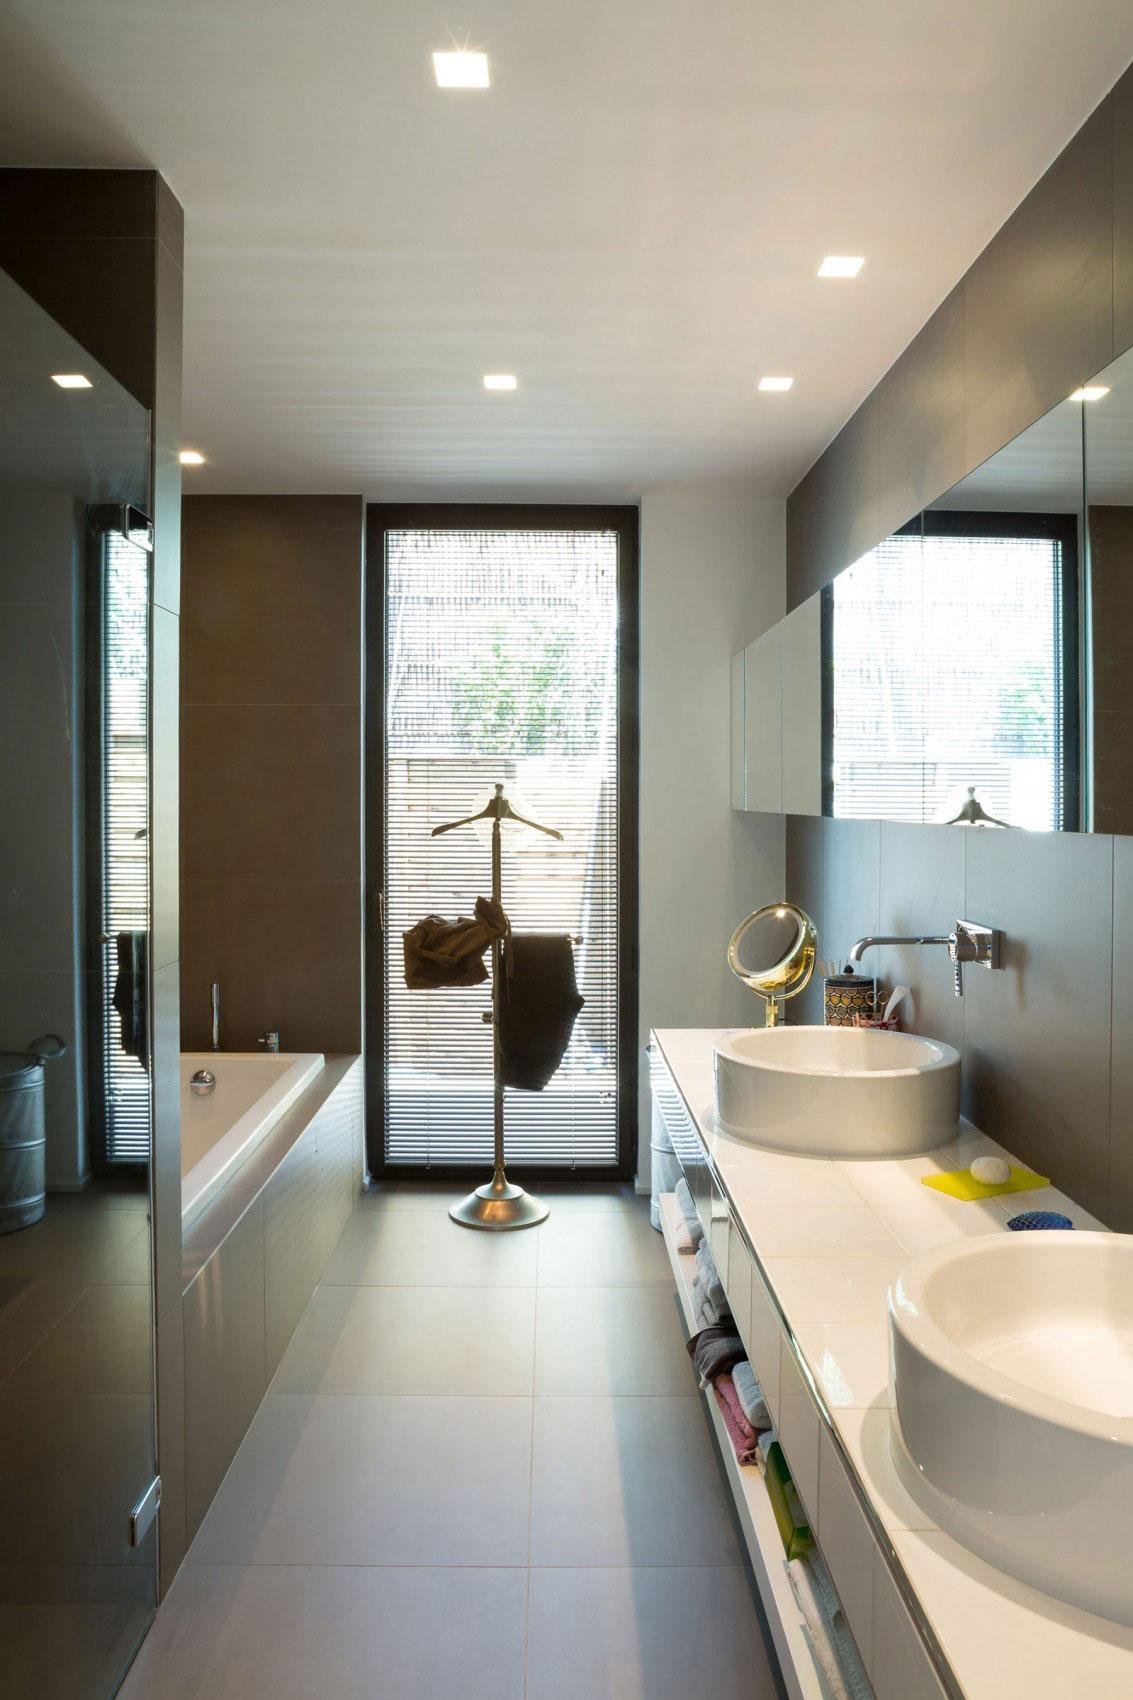 Trevligt badrum-inredning-design-värt att se-7 Trevligt badrum-inredning-design-värt att se